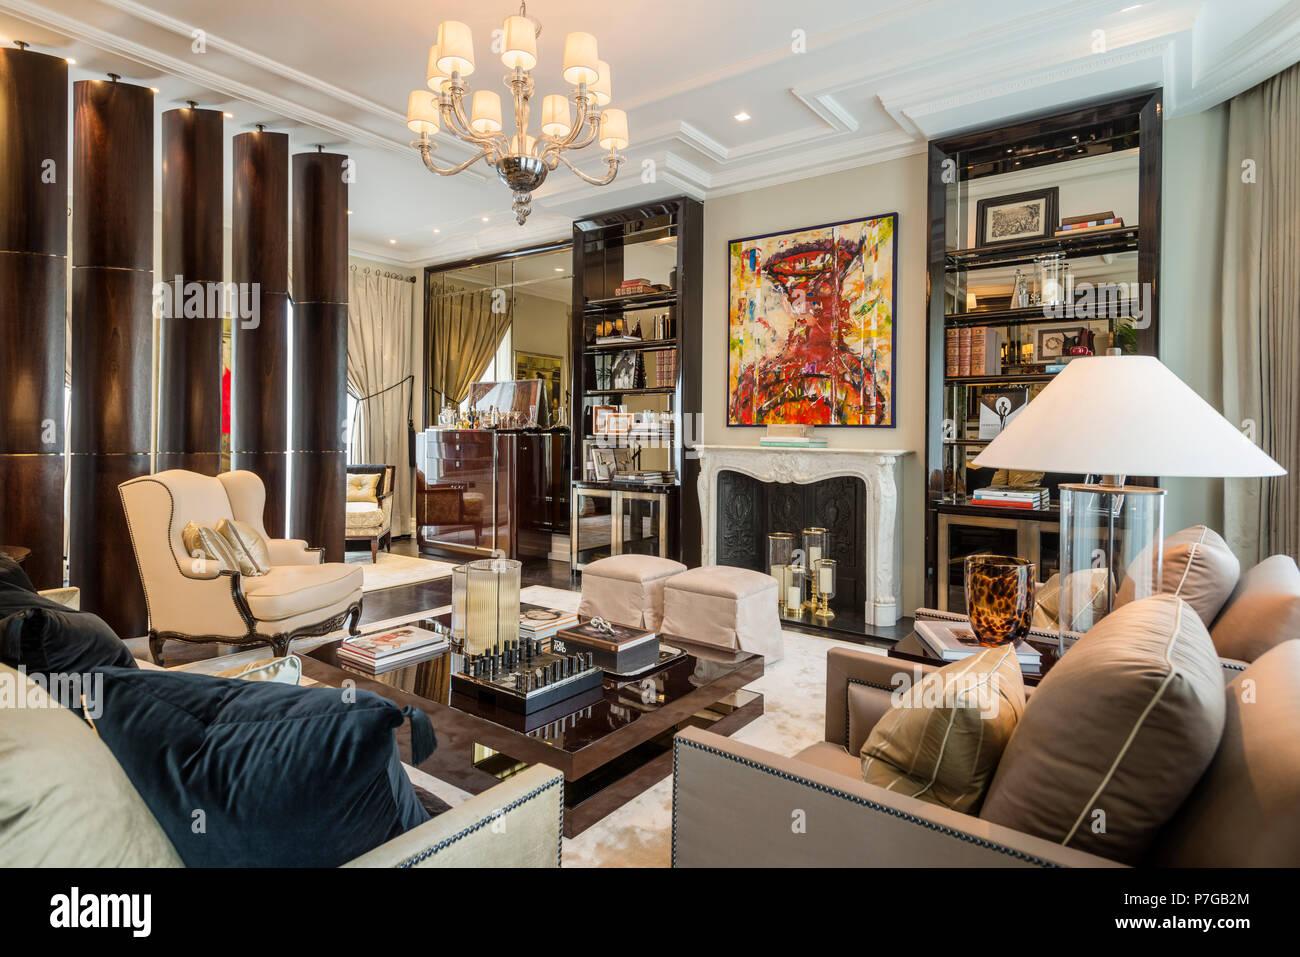 Art deco living room Stock Photo